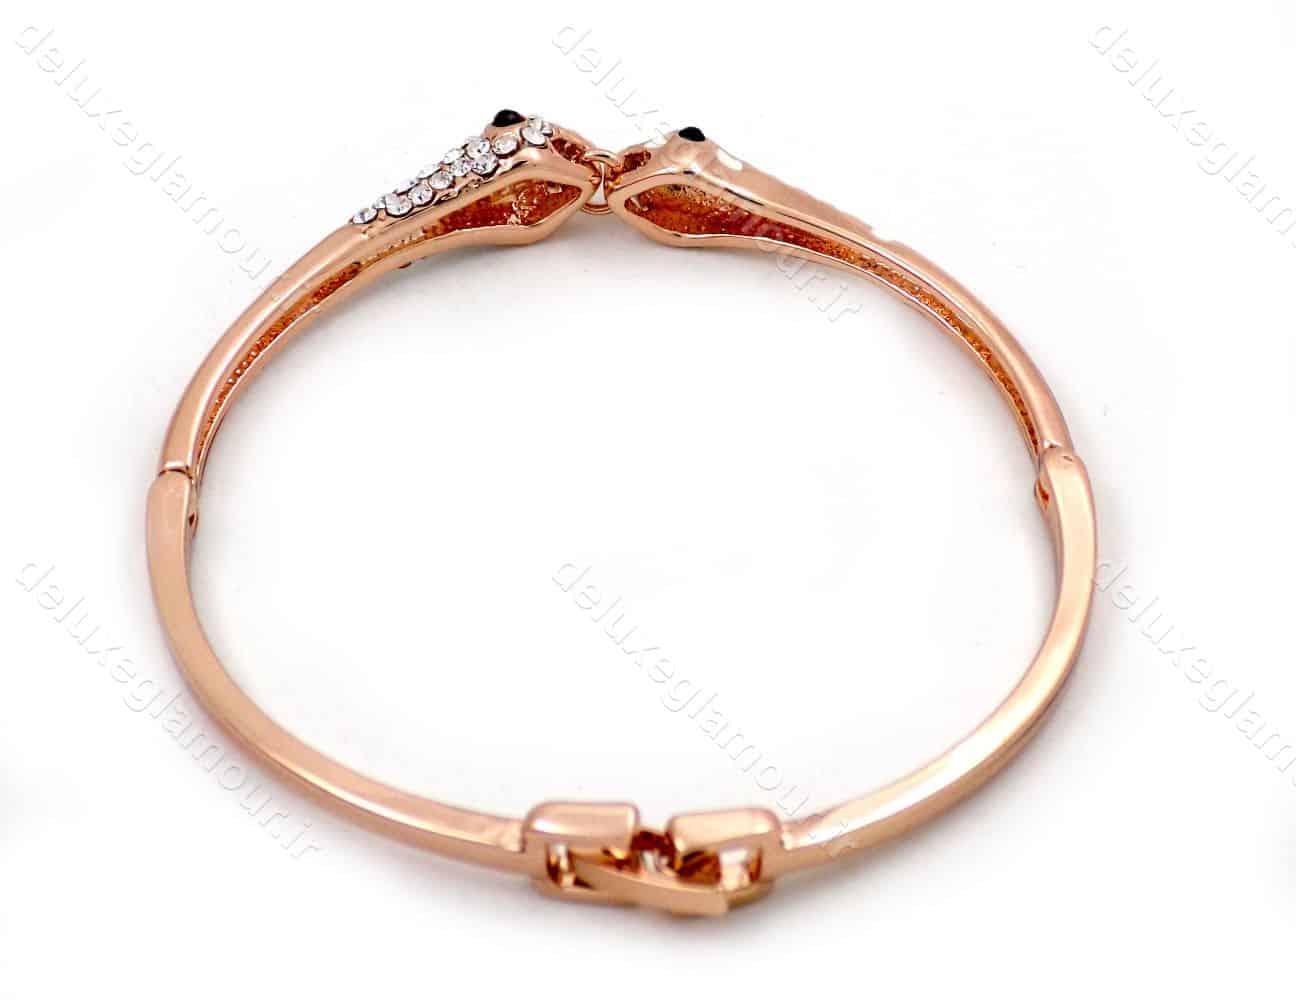 دستبند دخترانه رزگلد جواهری کلیو با نگین های سفید سواروسکی ds-n191